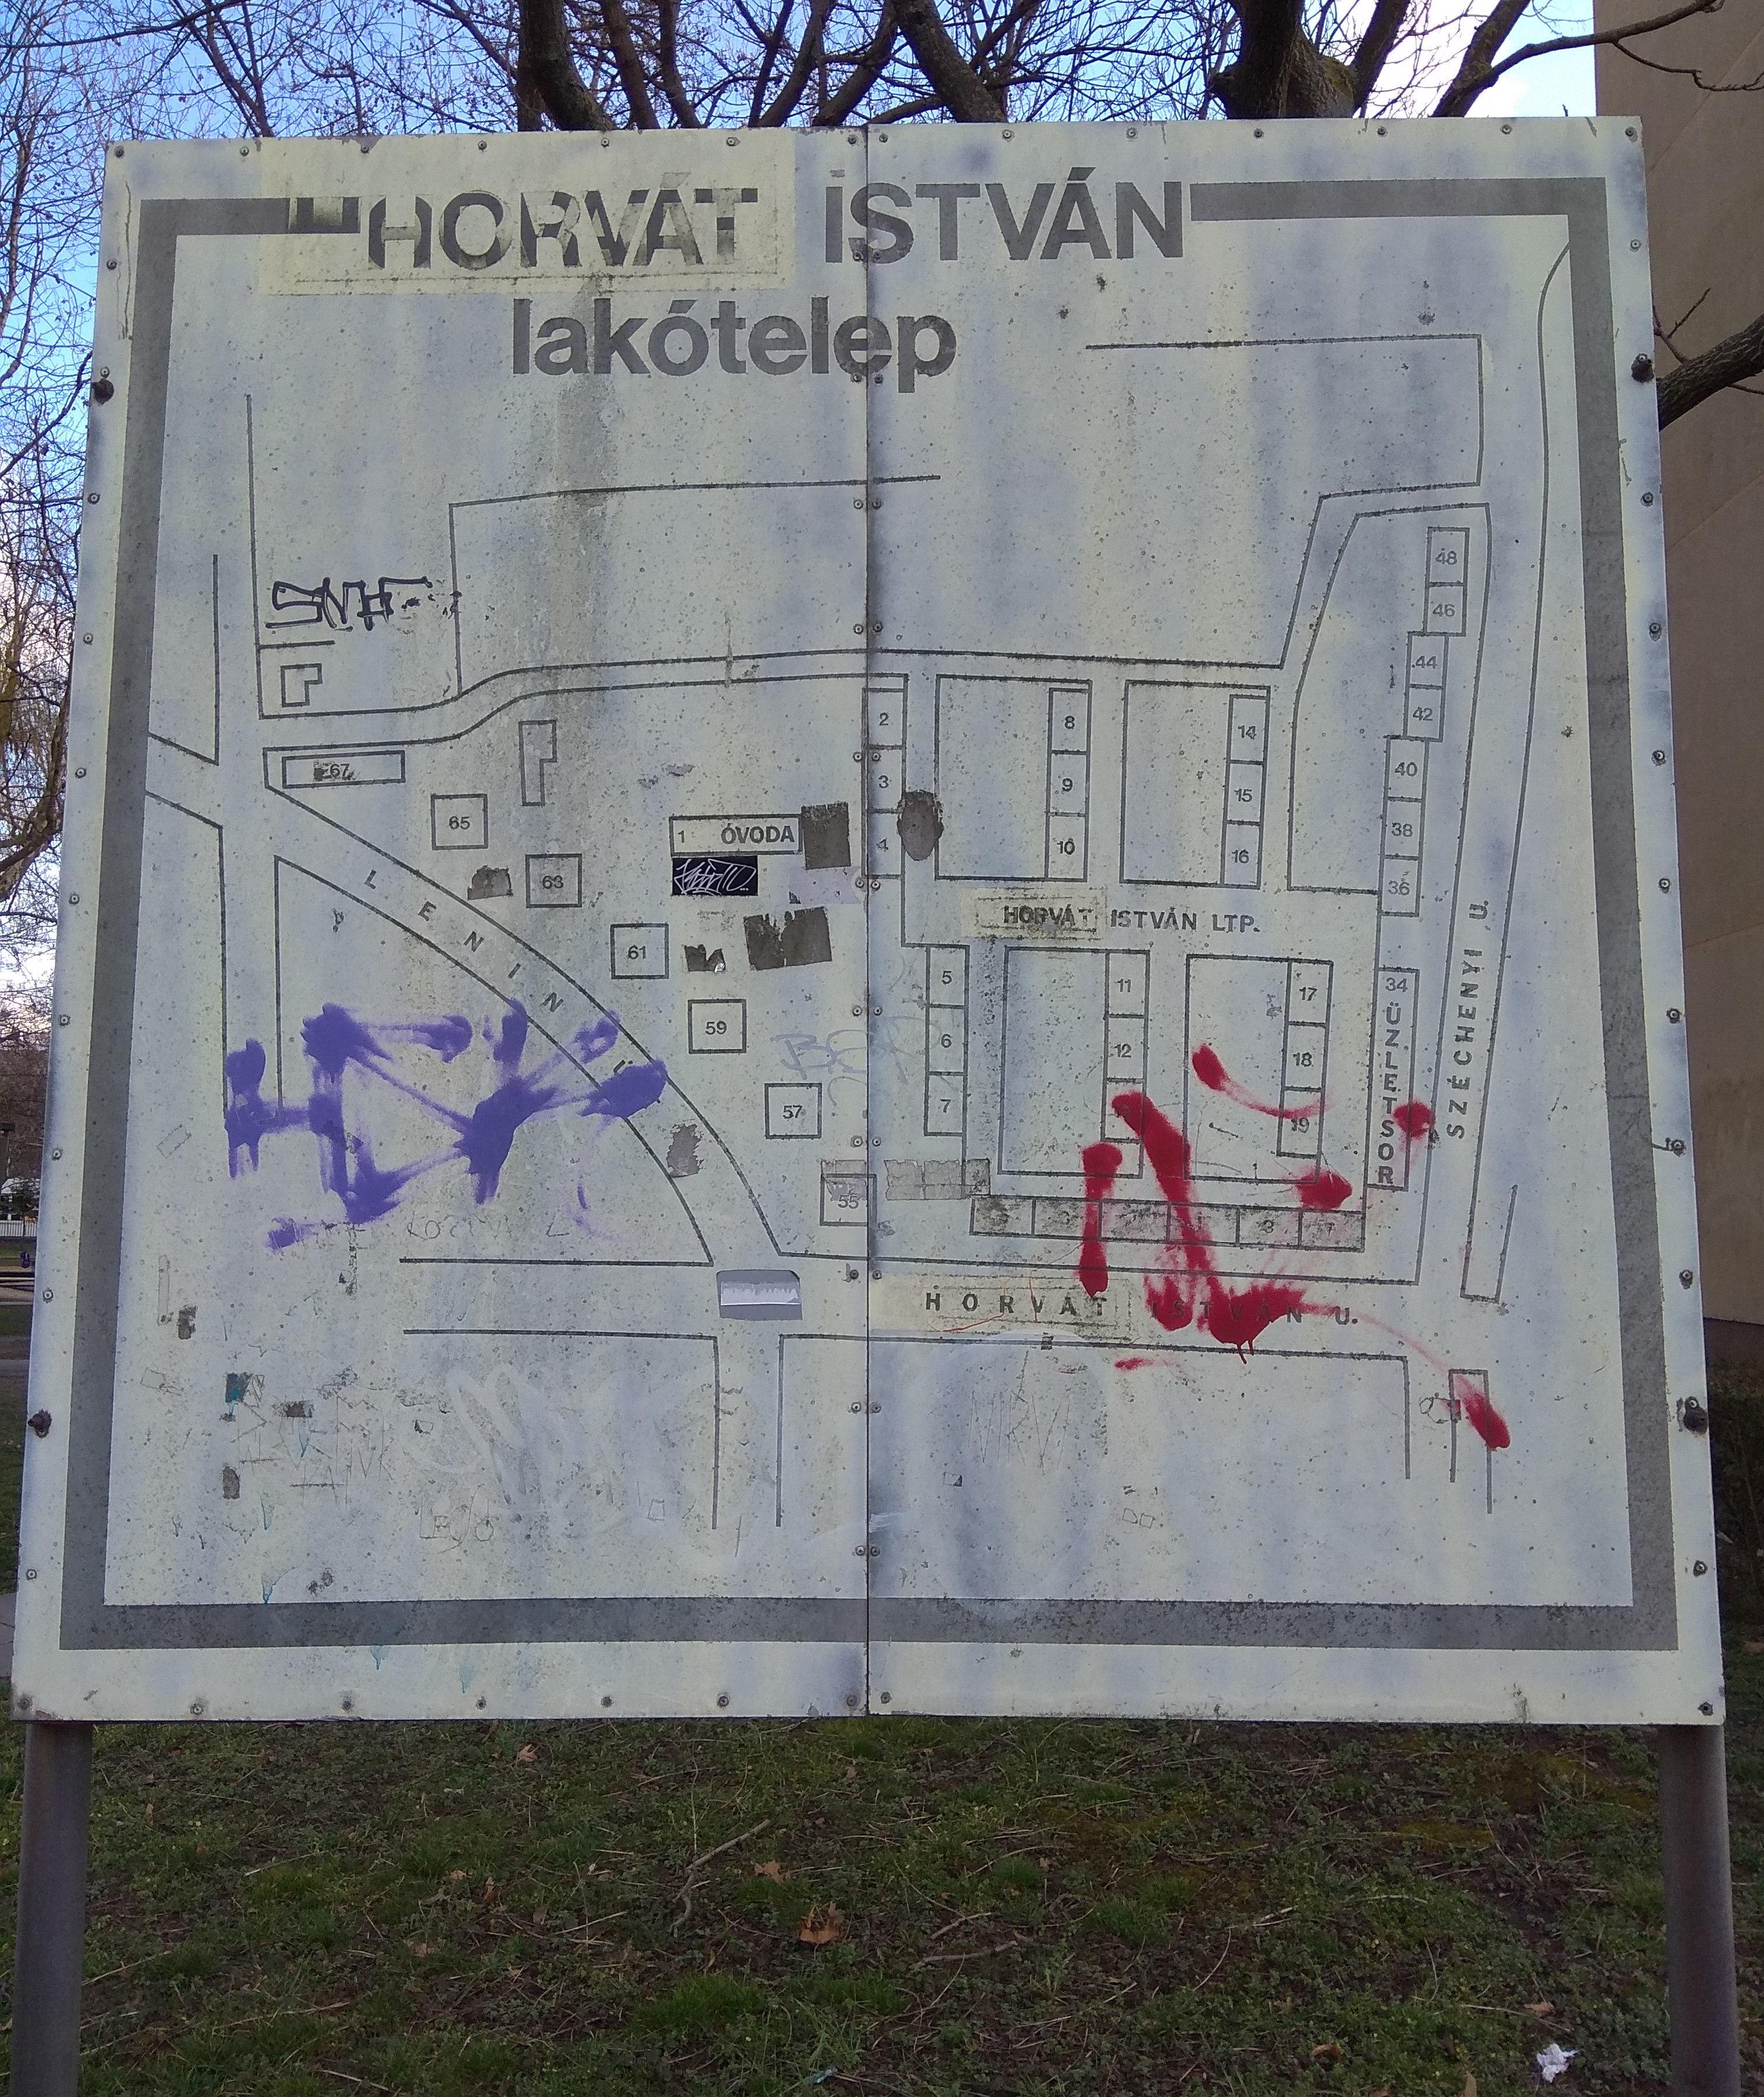 horvat_istvan_utca.jpg